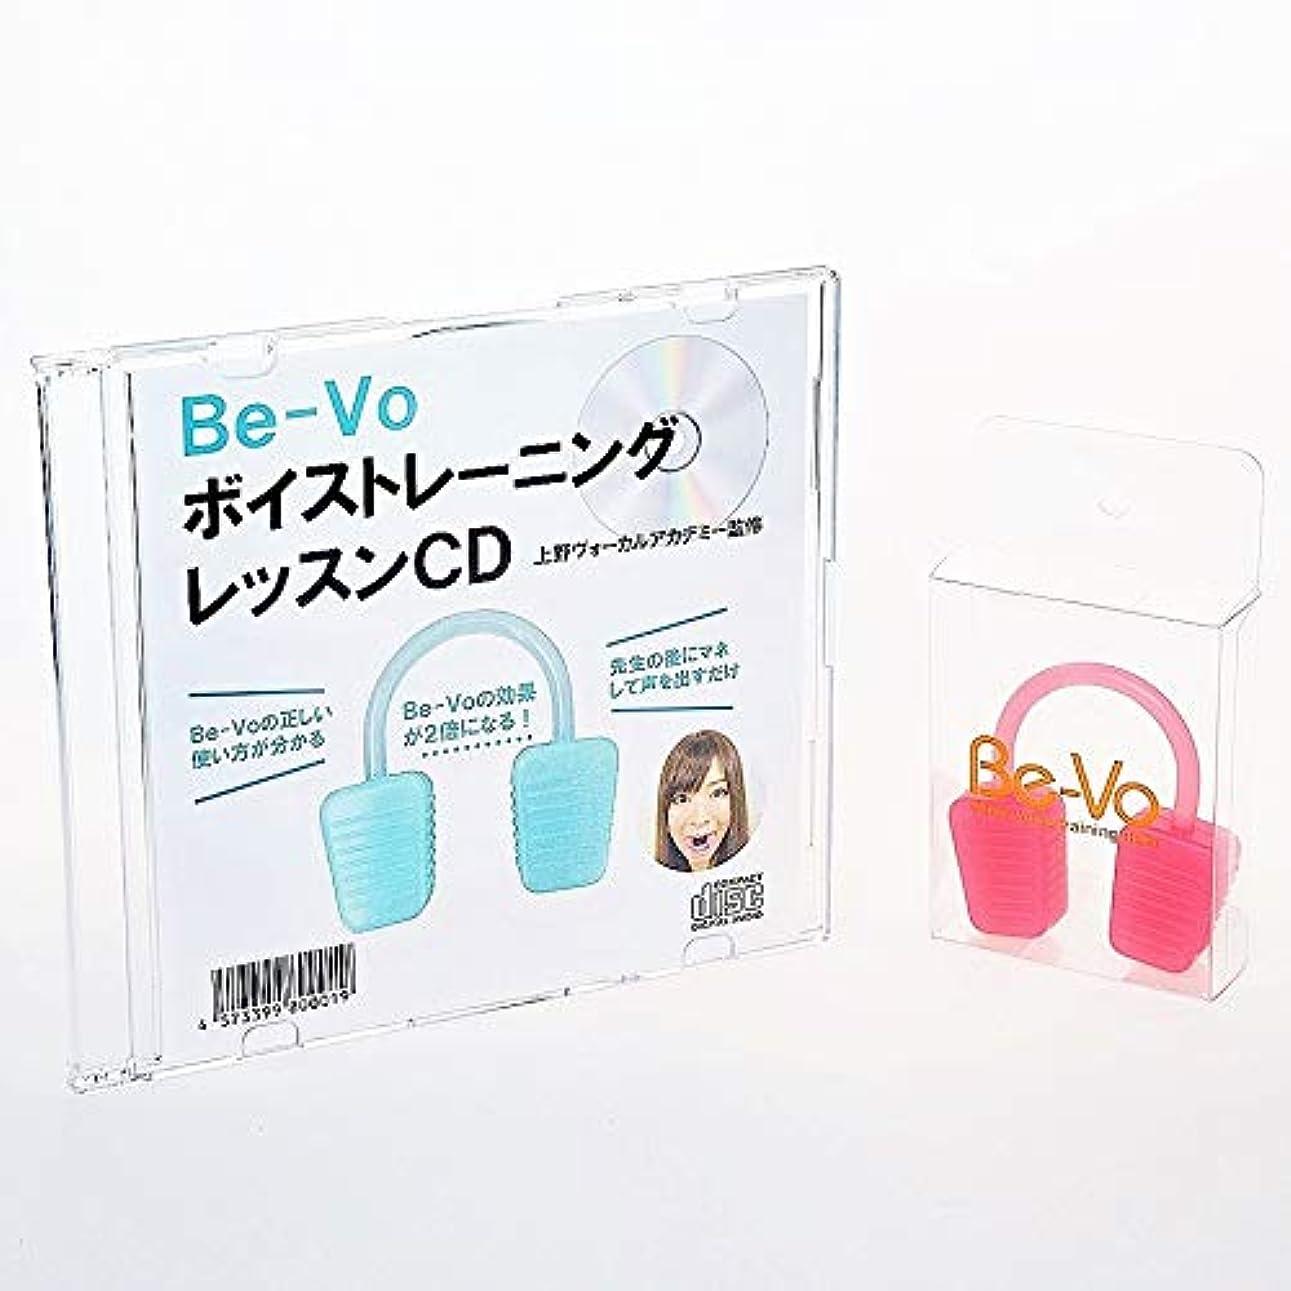 船尾芝生カビBe-Vo CD セット ピンク ボイストレーニング器具Be-Vo(ビーボ)+Be-VoボイストレーニングレッスンCD2点セット